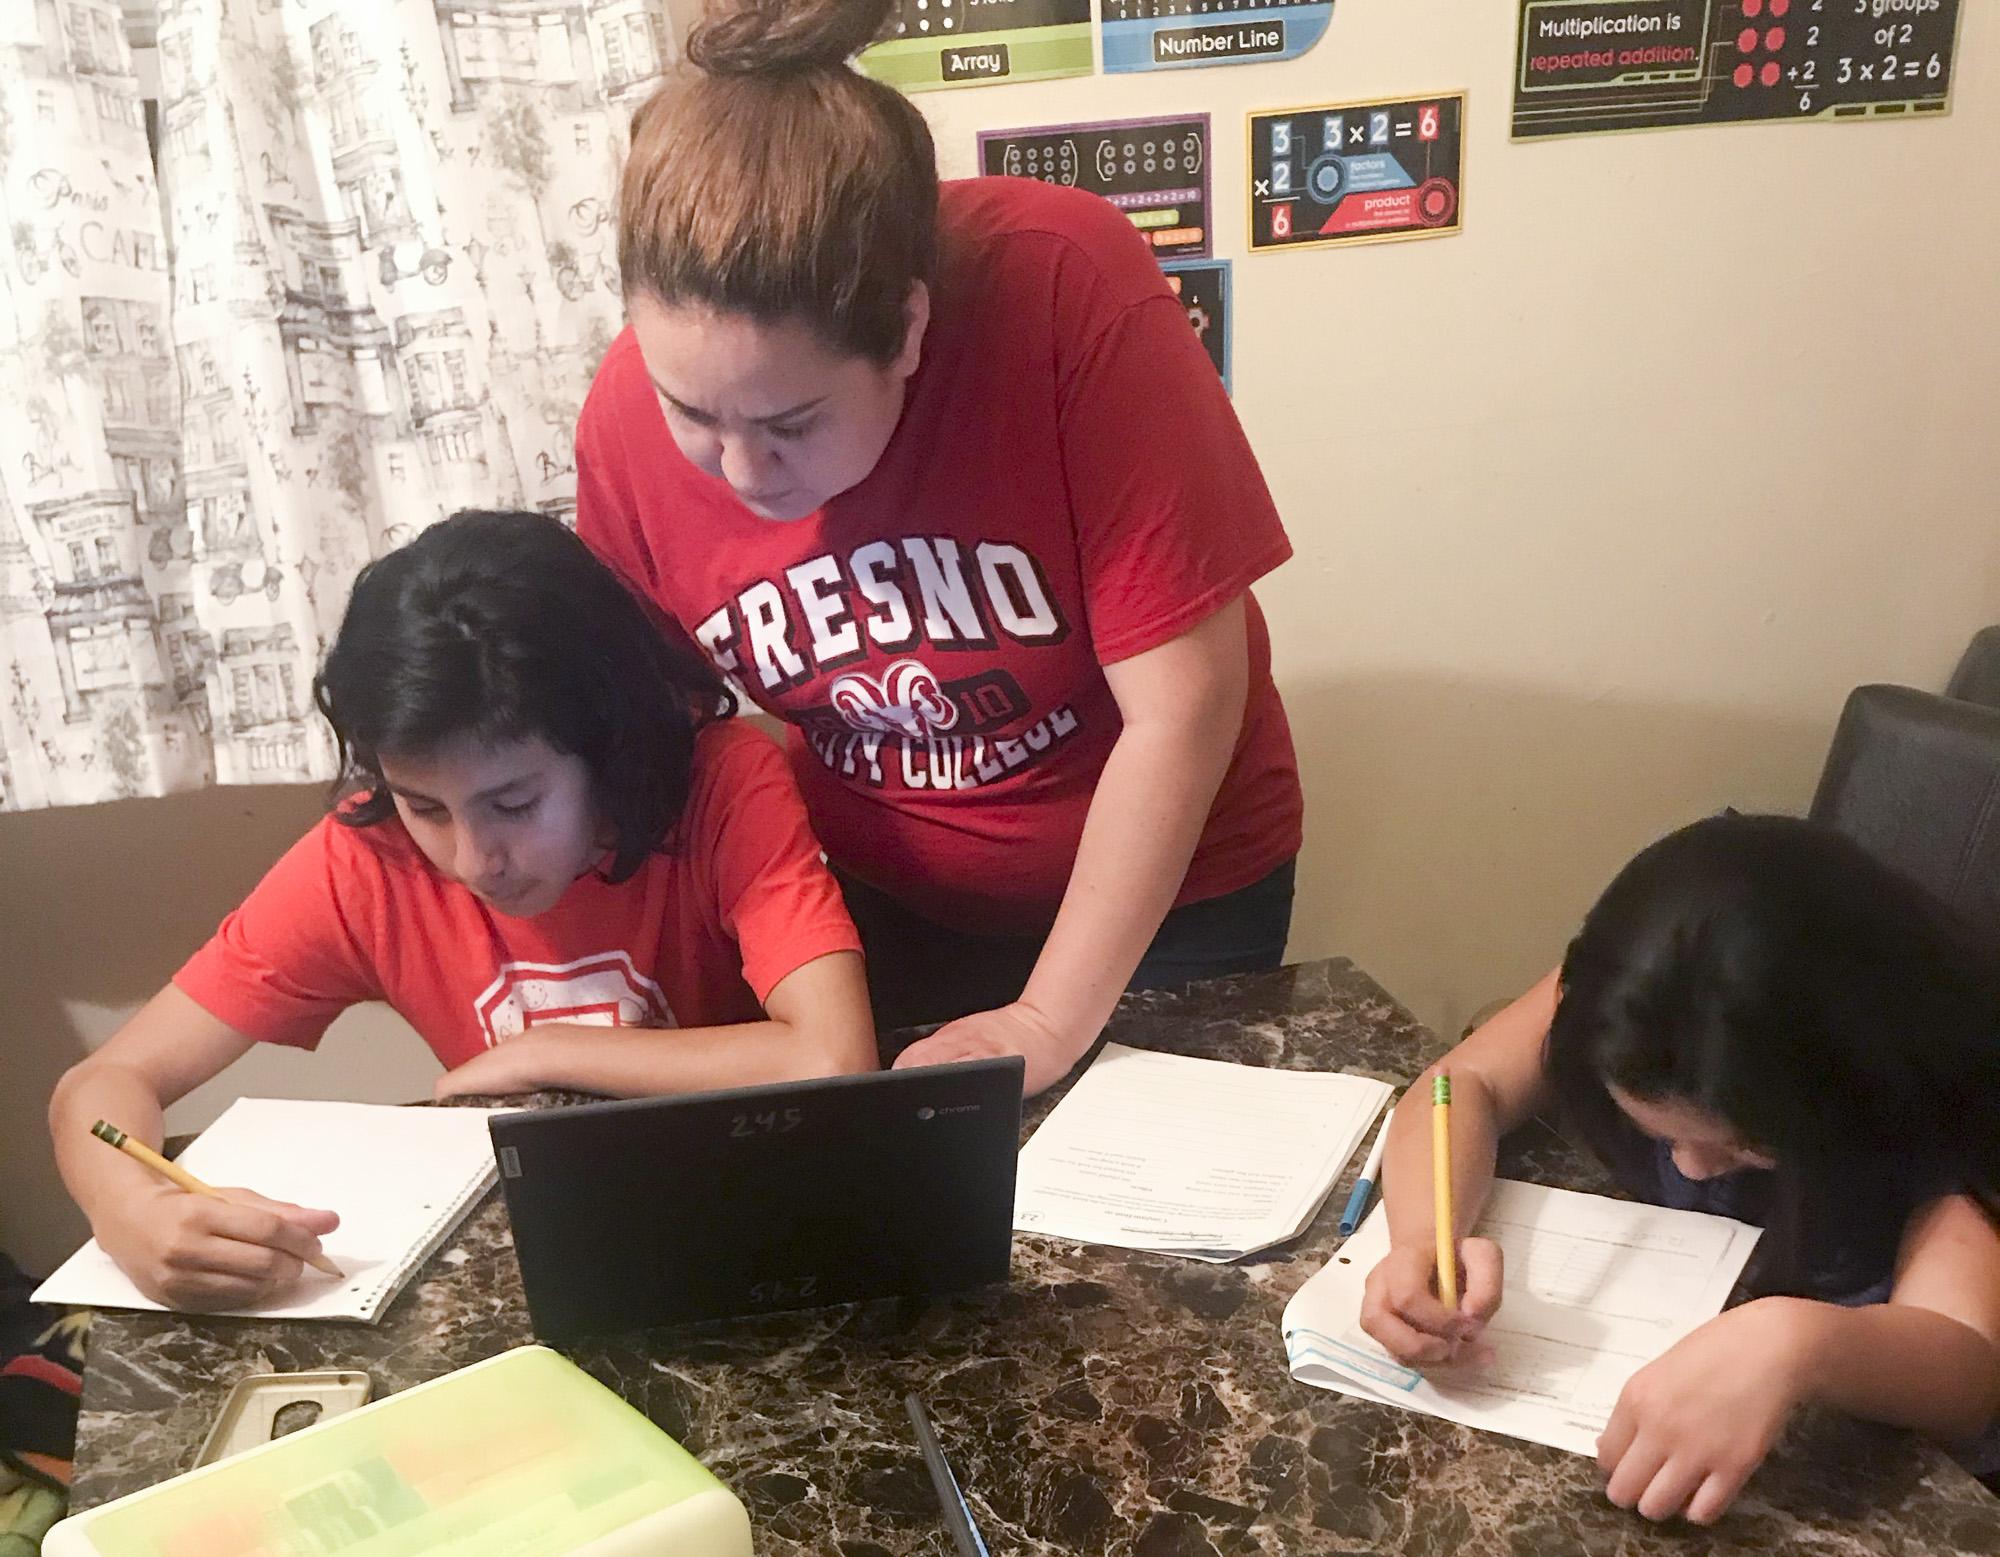 Amanda Reyes helps her kids Claudio, 13, and Evangelyn, 9, with their school work. Photo courtesy of Amanda Reyes